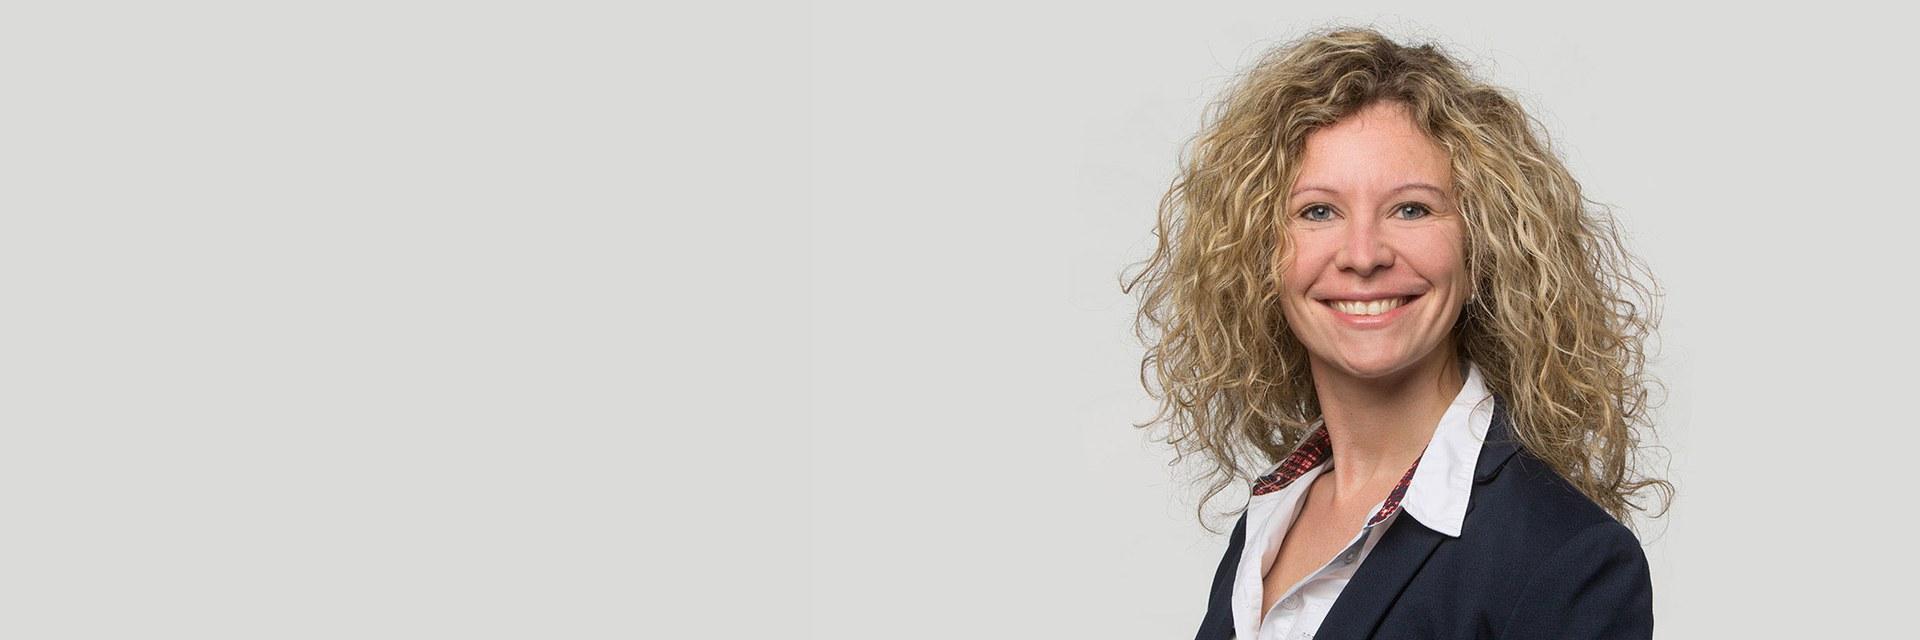 Dr. Bettina Schneider